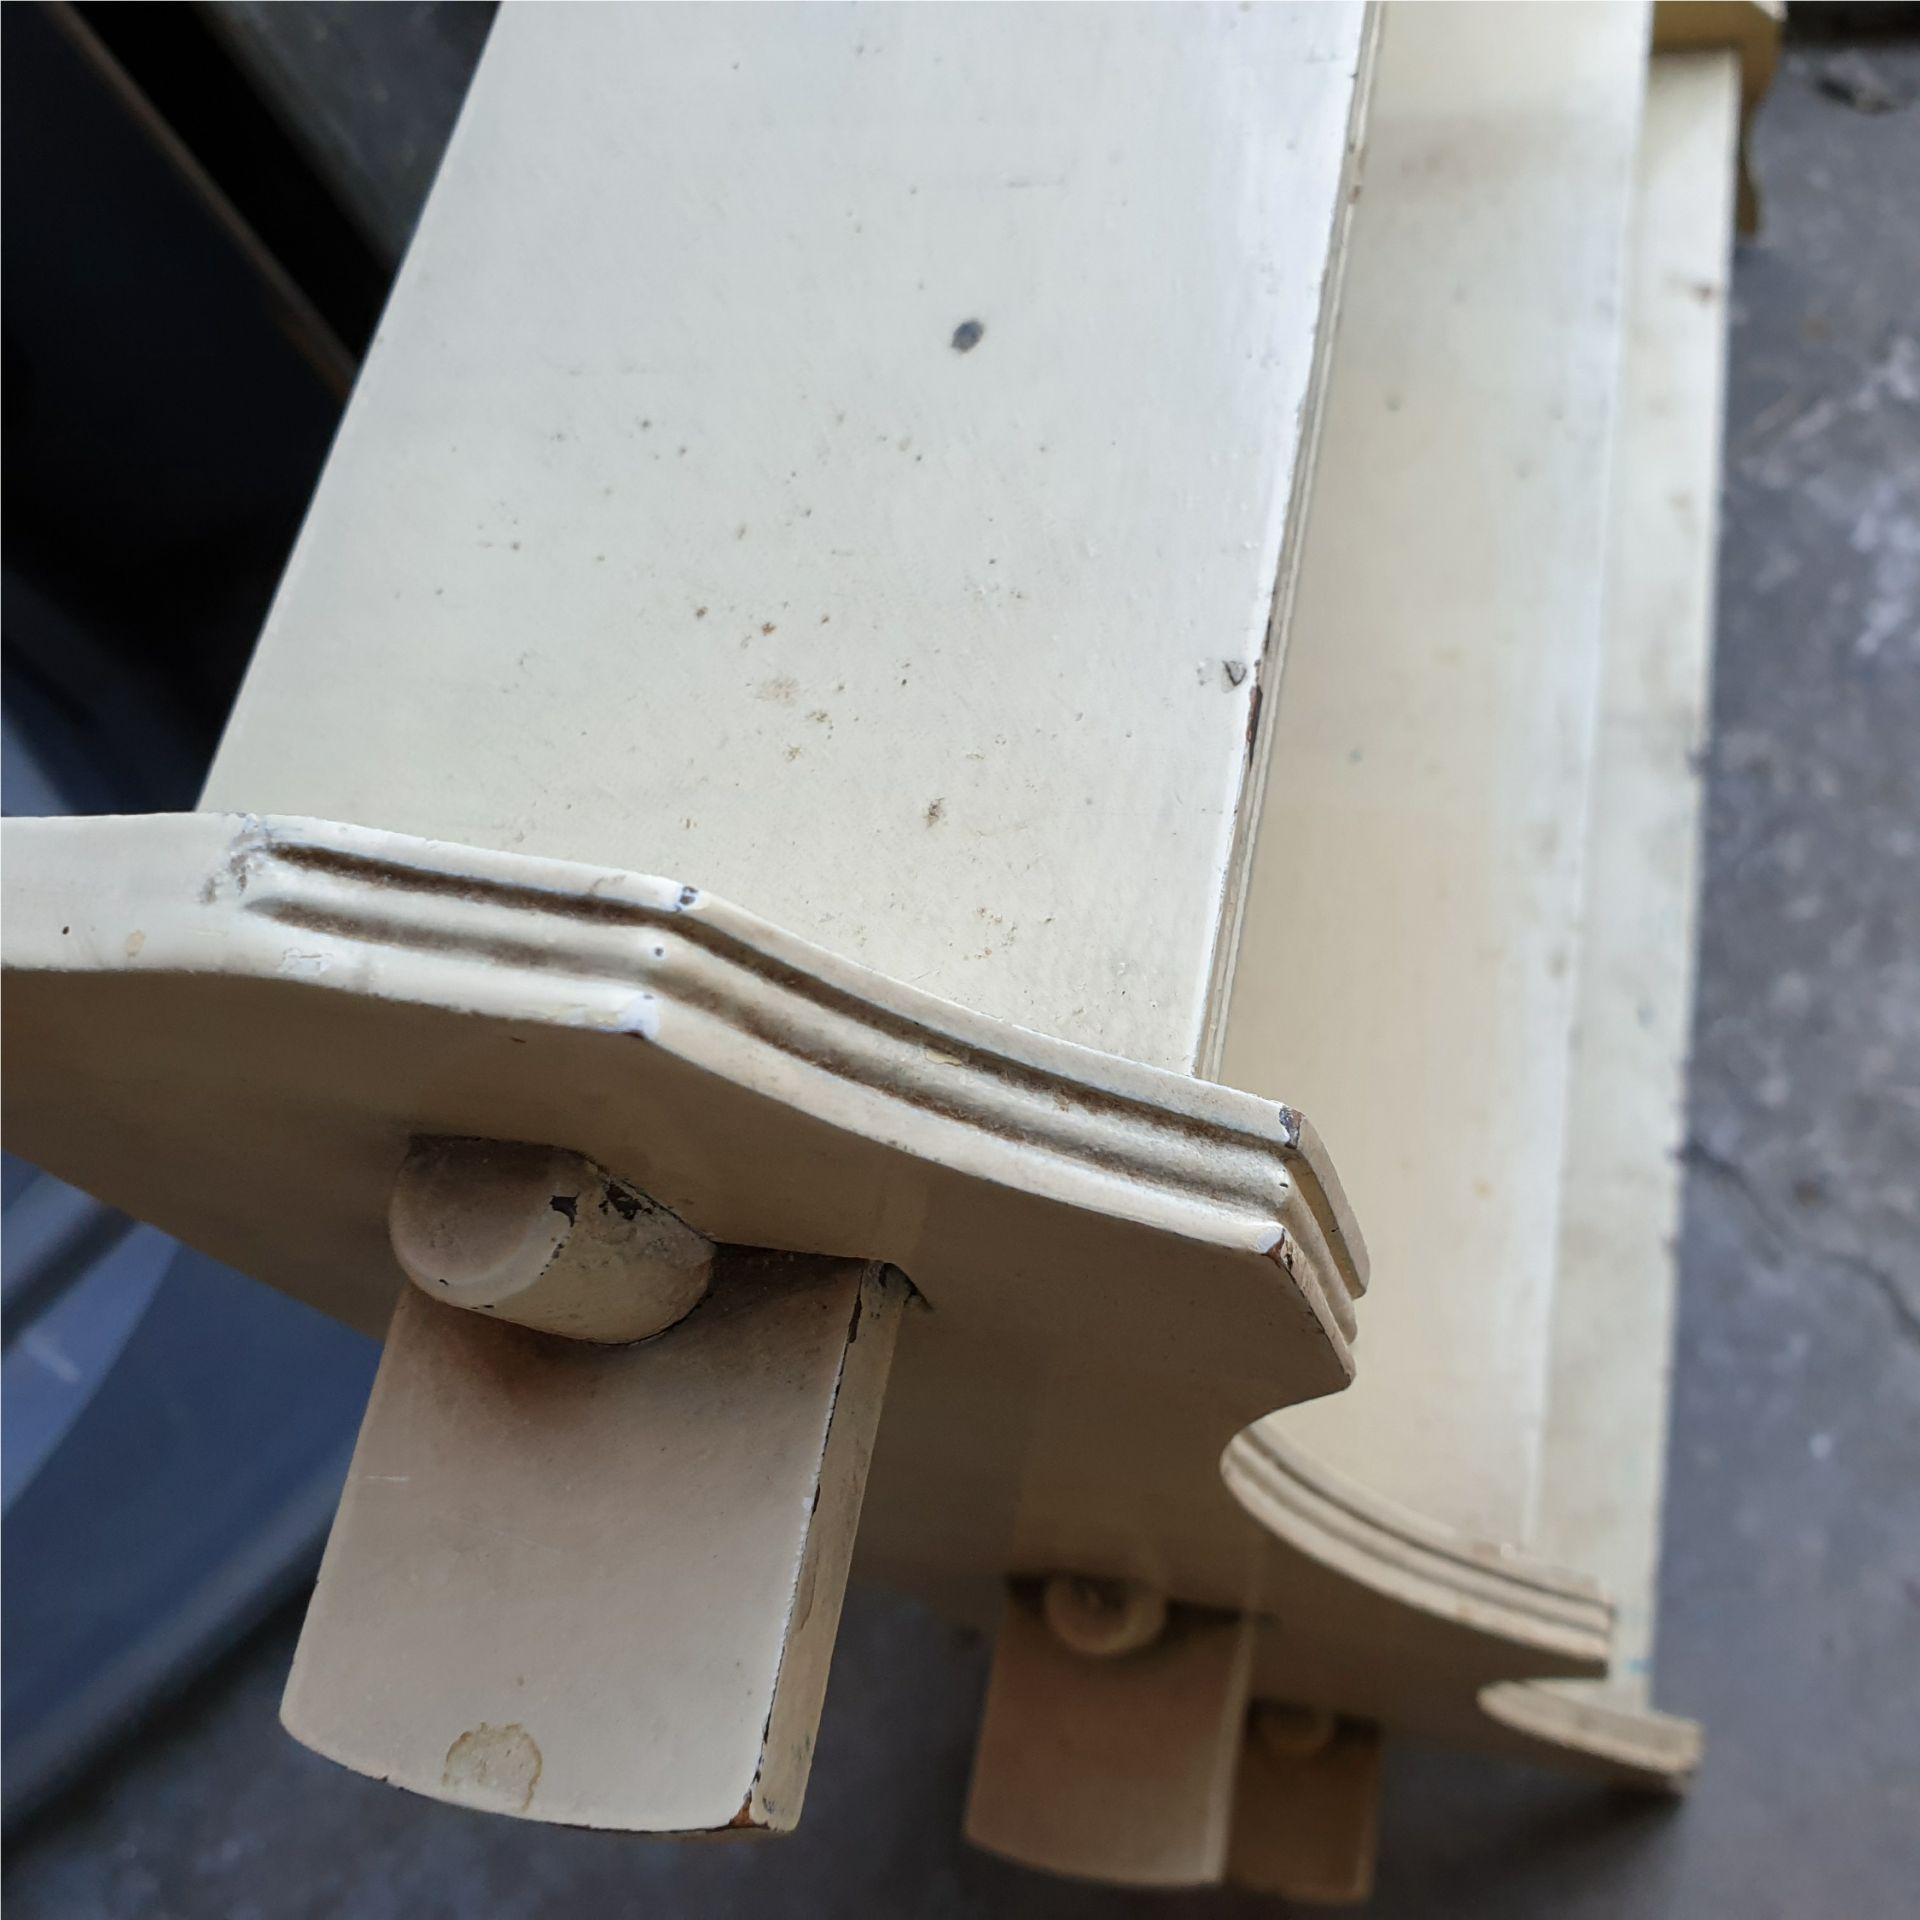 Antique Edwardian Painted Hardwood Knock Down Book Shelf Unit - Image 2 of 2